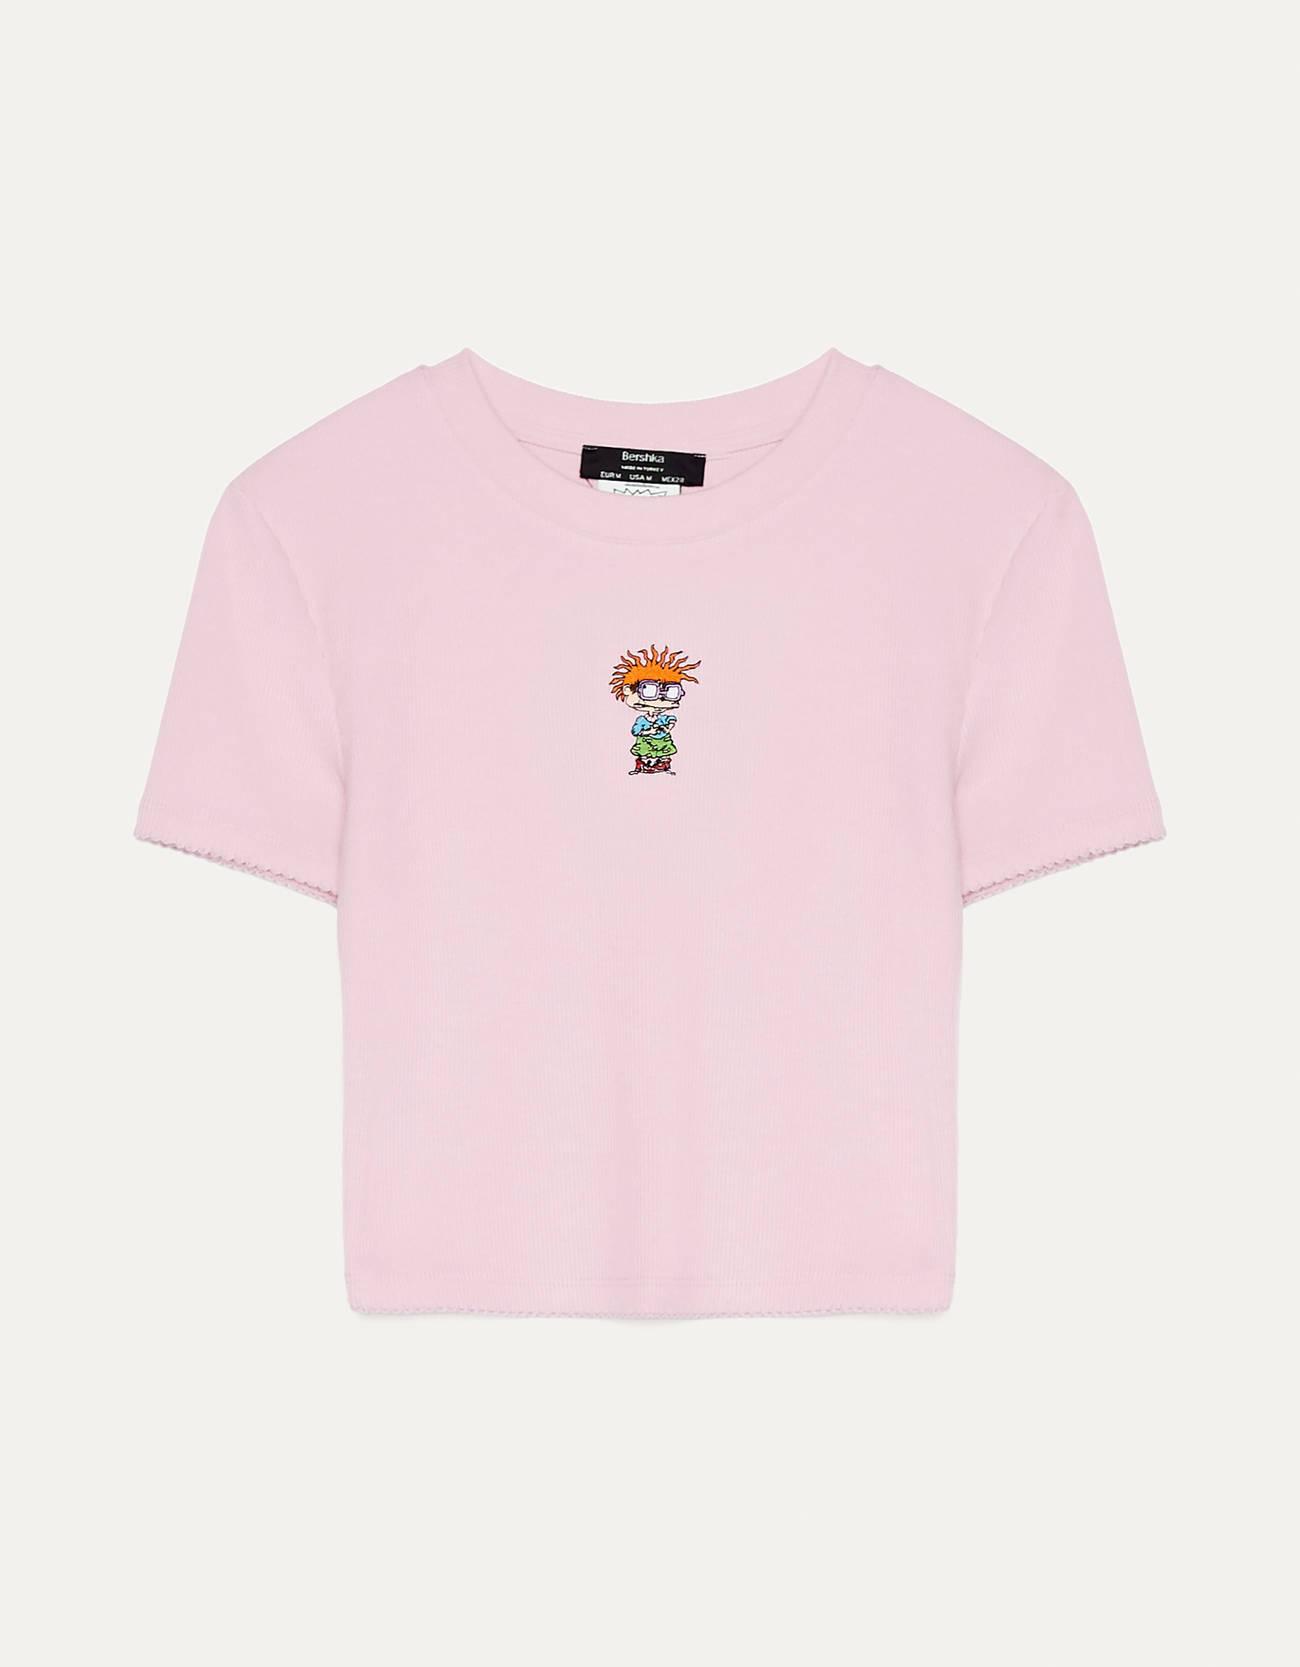 Camiseta de canalé de color rosa con el personaje Chuckie Finster de Rugrats en el centro.